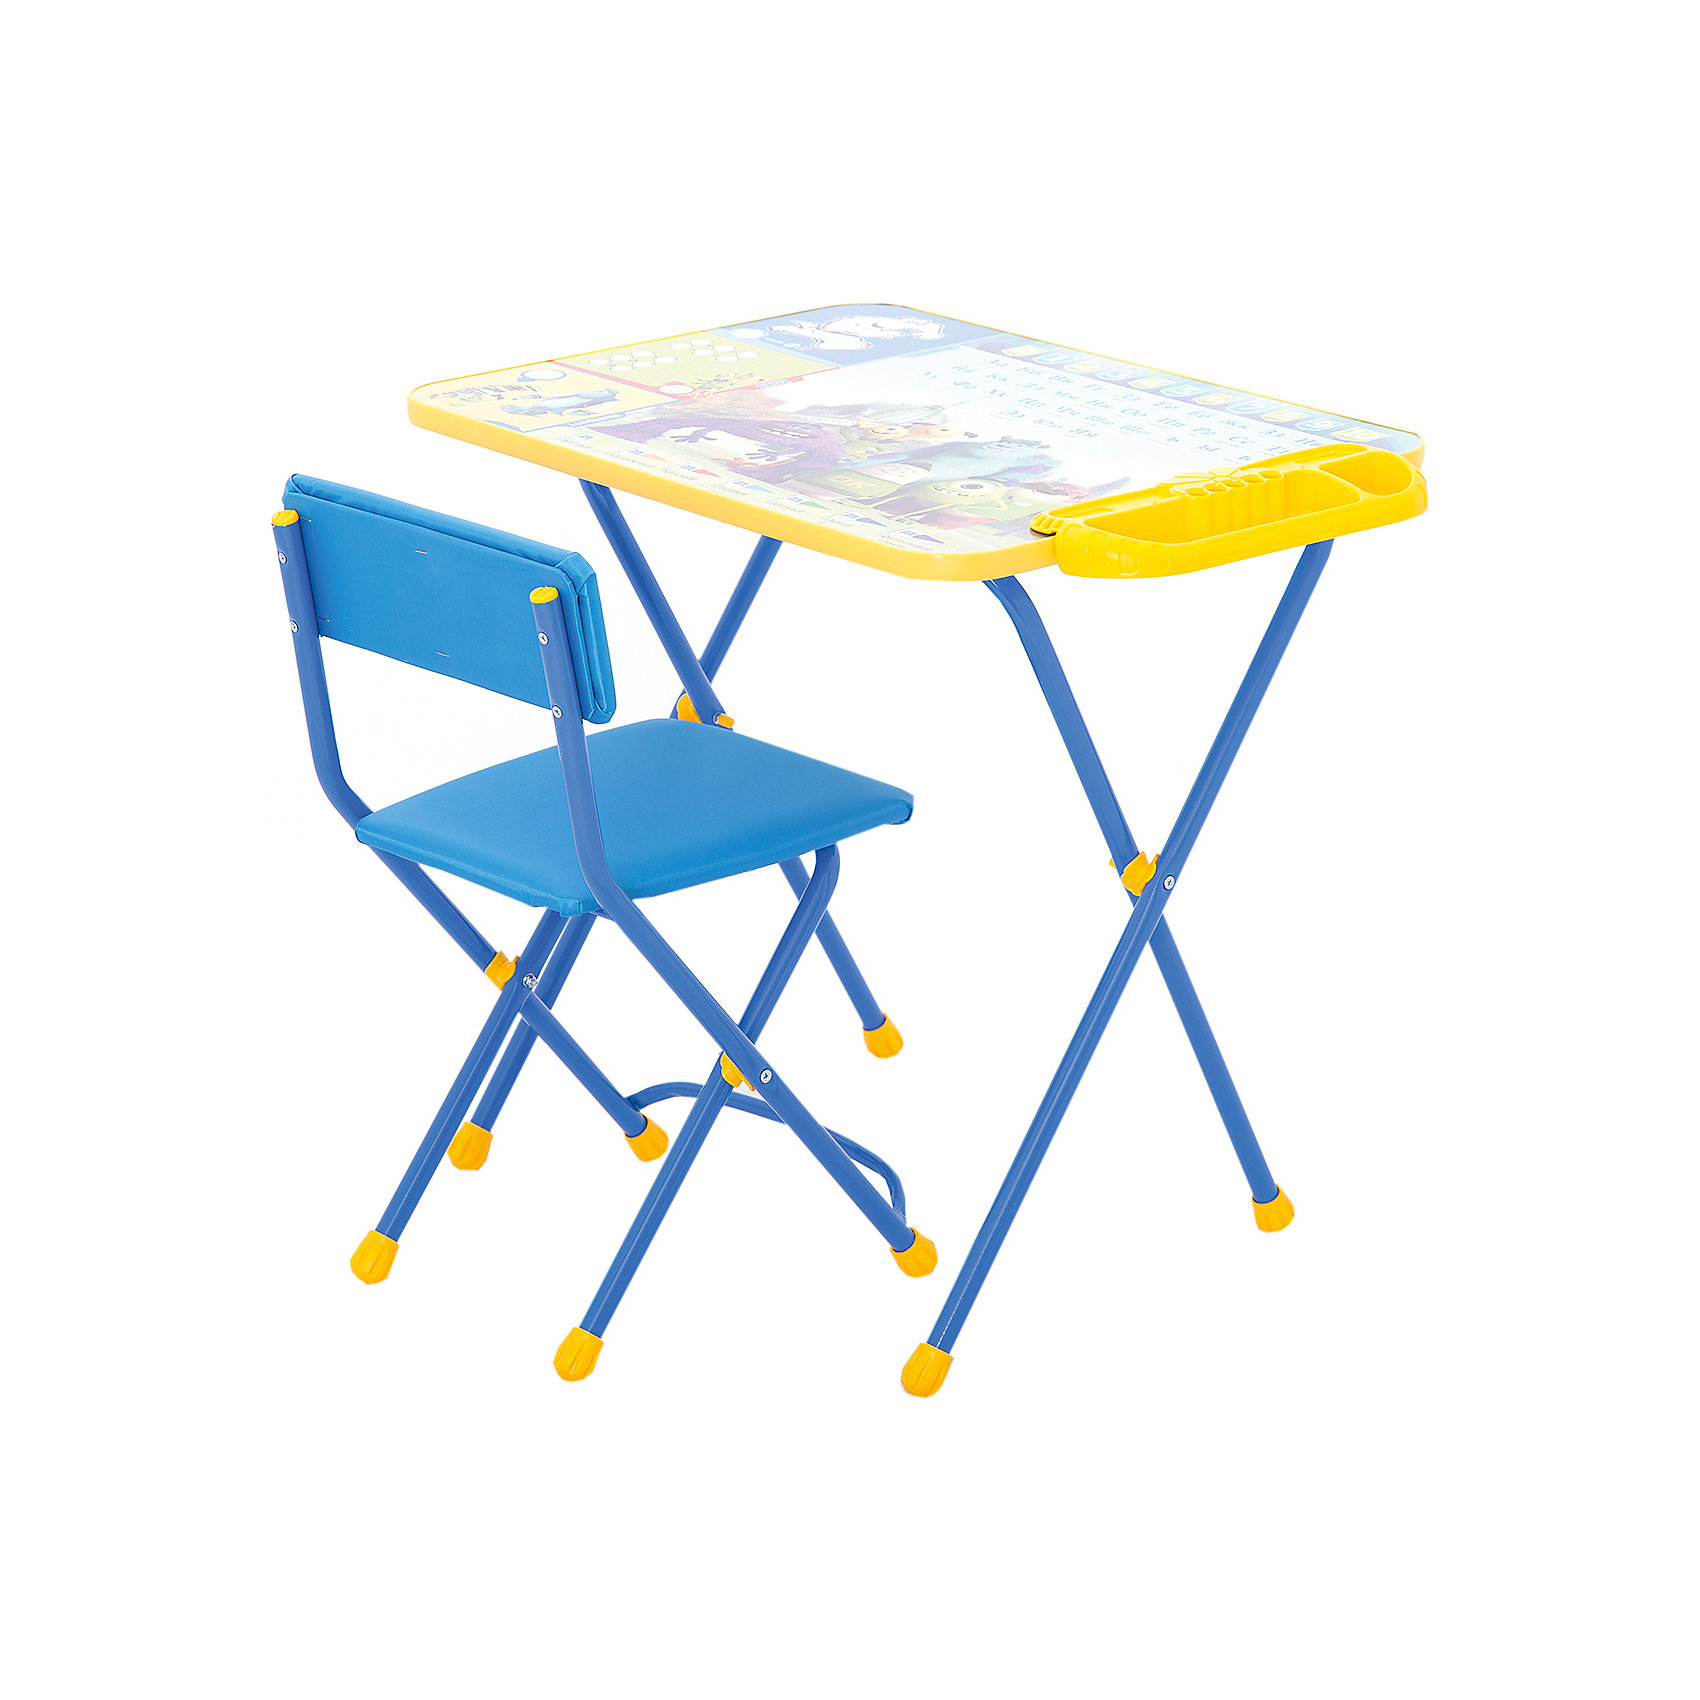 Набор мебели Д2У, Университет Монстров, НикаСтолы и стулья<br>Характеристики товара:<br><br>• материал: металл, пластик, текстиль<br>• размер столешницы: 60х45 см<br>• высота стола: 58 см<br>• сиденье: 31х27 см<br>• высота до сиденья: 32 см<br>• высота со спинкой 57 см<br>• подставка для ног<br>• стул с мягким сиденьем (флок)<br>• пенал<br>• складной<br>• на столешнице - полезные рисунки<br>• на ламинированной поверхности стола можно рисовать маркером на водной основе<br>• на ножках пластмассовые наконечники<br>• складной<br>• возраст: от 3 до 7 лет<br>• страна бренда: Российская Федерация<br>• страна производства: Российская Федерация<br><br>Детская мебель может быть удобной и эргономичной! Этот комплект разработан специально для детей от трех до семи лет. Он легко складывается и раскладывается, занимает немного места, легко моется. Каркас сделан из прочного, но легкого металла, а на ножках установлены пластмассовые наконечники для защиты напольного покрытия. Столешница украшена полезными познавательными рисунками. Отличное решение как для кормления малыша, так и для игр, творчества и обучения!<br>Правильно подобранная мебель помогает ребенку расти здоровым, формироваться правильной осанке. Изделие производится из качественных сертифицированных материалов, безопасных даже для самых маленьких.<br><br>Набор мебели Disney 2. Университет Монстров от бренда Ника можно купить в нашем интернет-магазине.<br><br>Ширина мм: 750<br>Глубина мм: 155<br>Высота мм: 610<br>Вес г: 8080<br>Возраст от месяцев: 36<br>Возраст до месяцев: 84<br>Пол: Унисекс<br>Возраст: Детский<br>SKU: 5223616